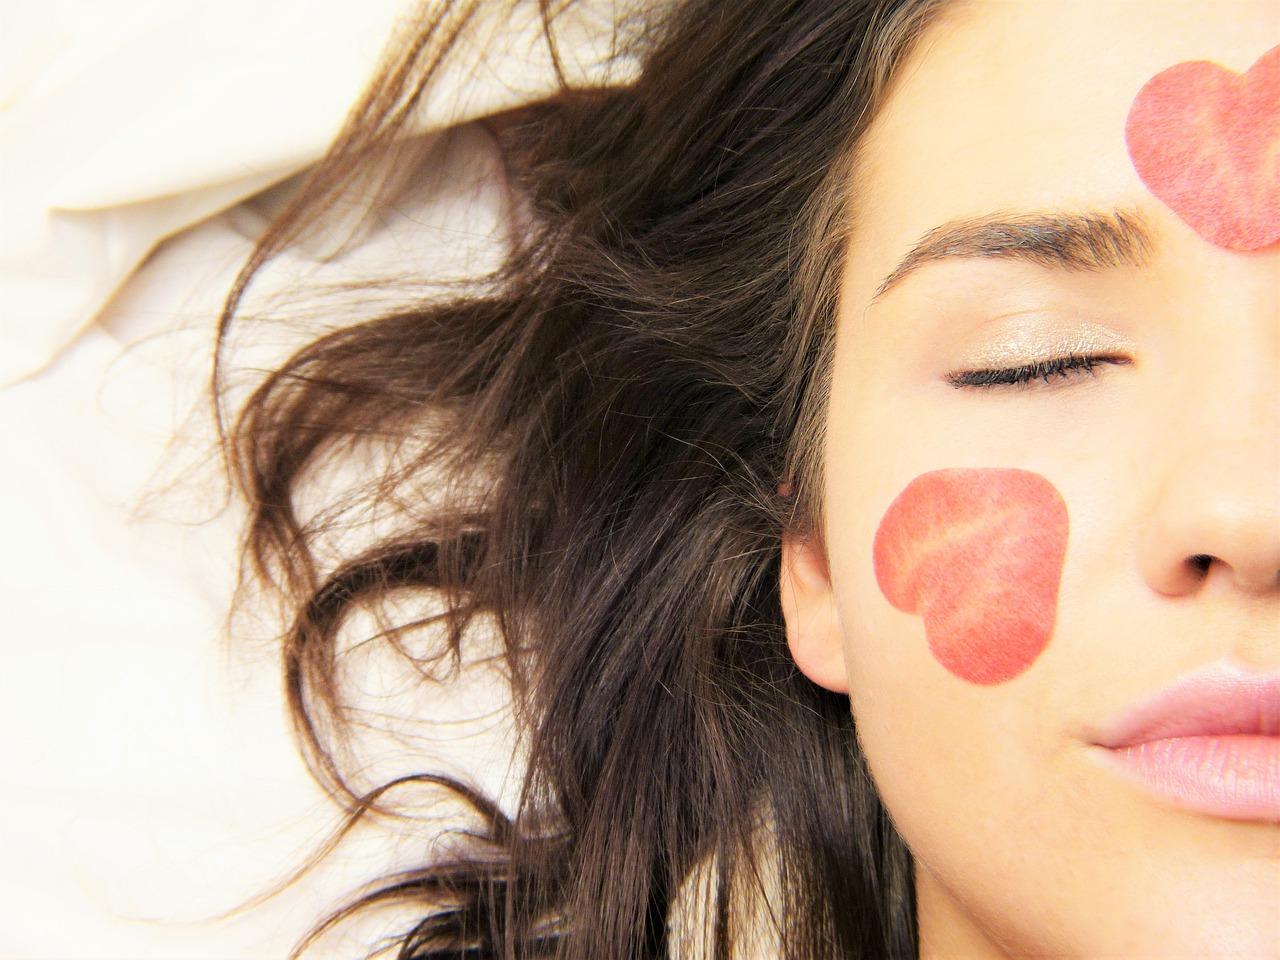 Kako da koristite kiseline a da ne oštetite kožu